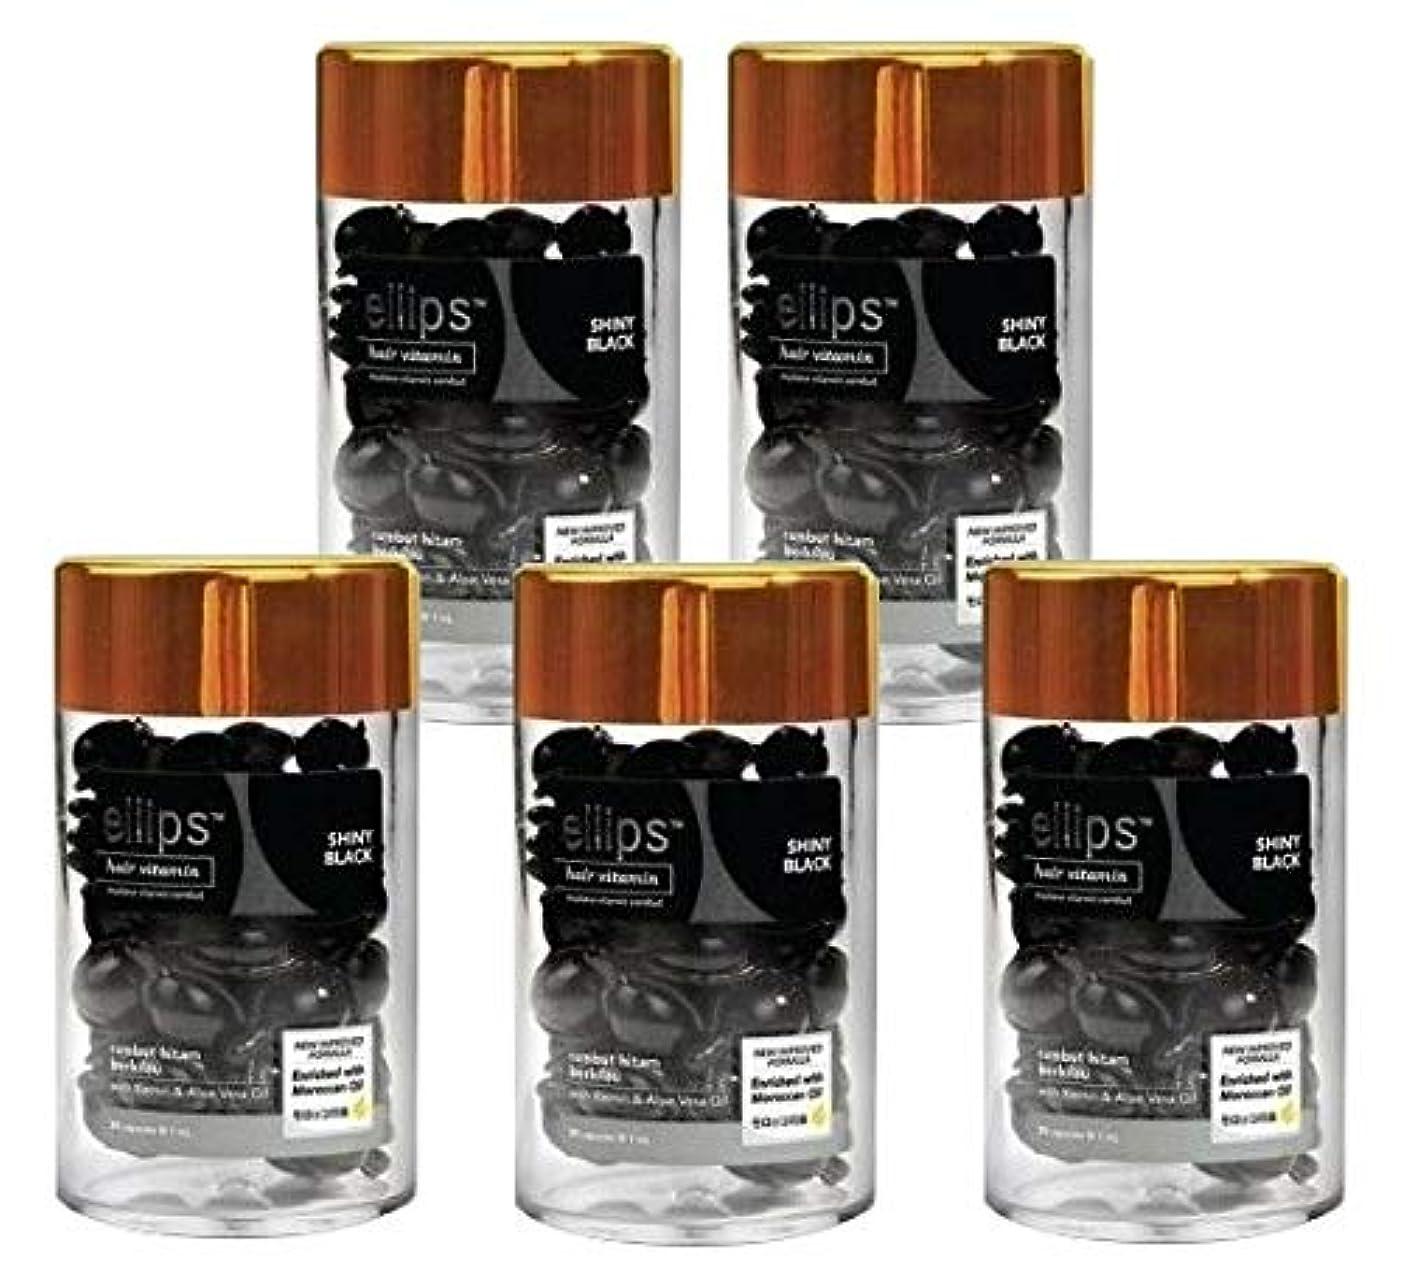 ジョリーイヤホン出来事エリップス ellips ヘアビタミン ヘアトリートメント 50粒 ボトル ブラック お得な5本セット [並行輸入品]